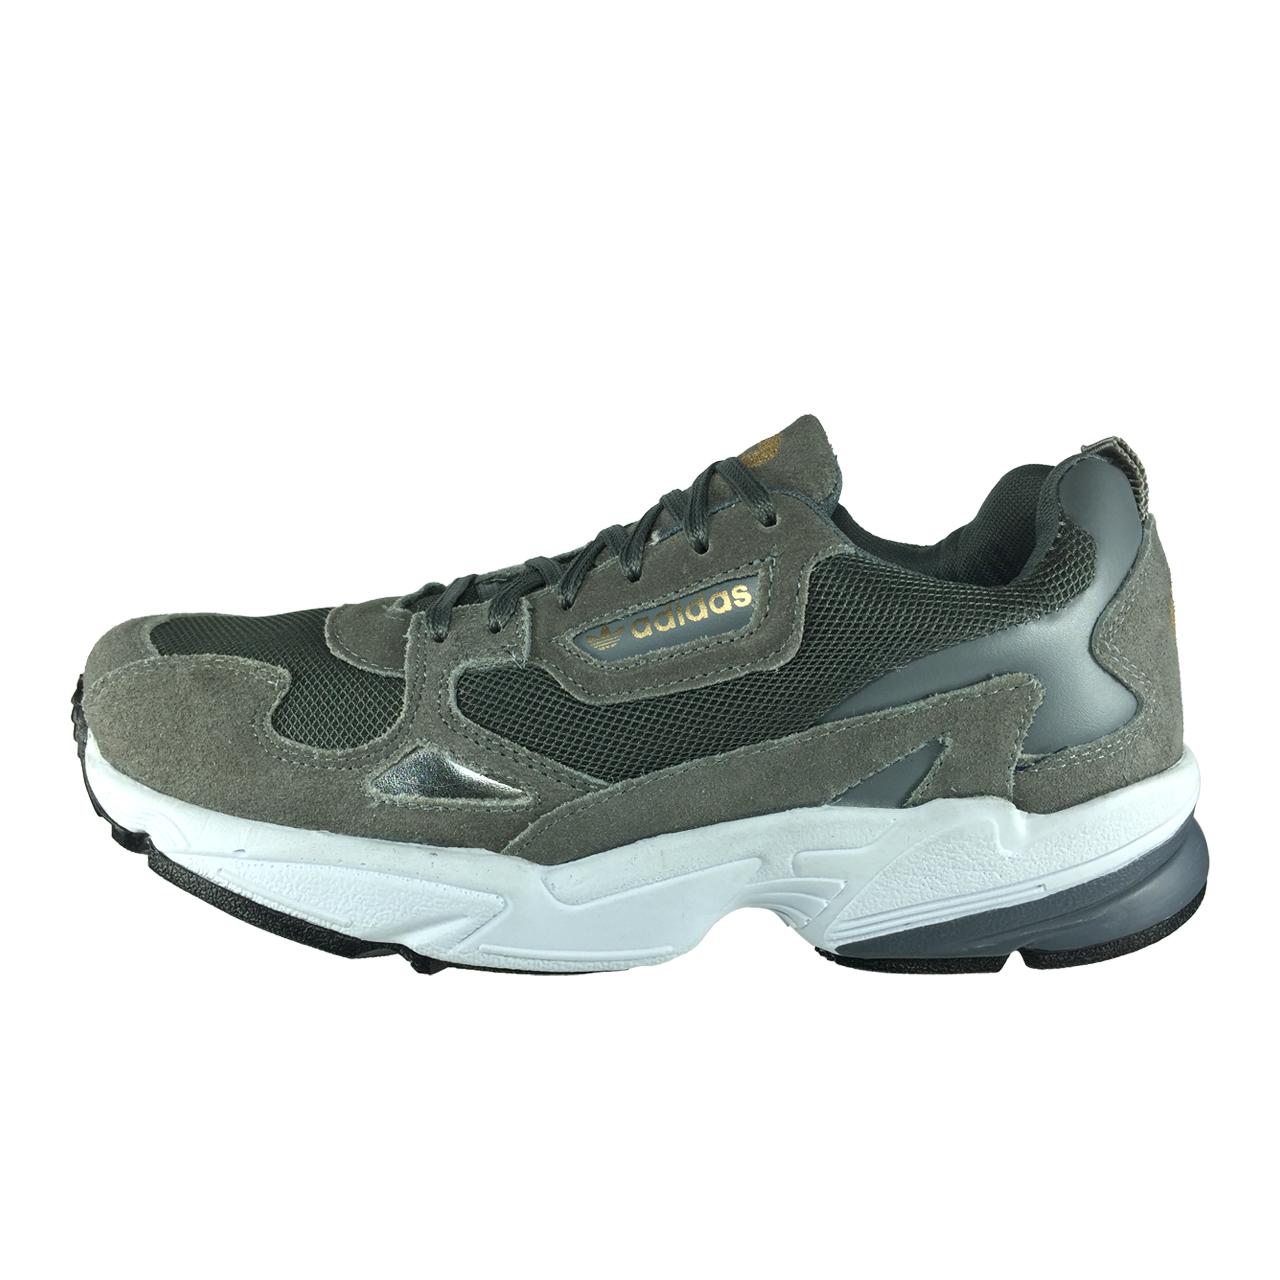 کفش مخصوص پیاده روی مردانه مدل B418 رنگ طوسی